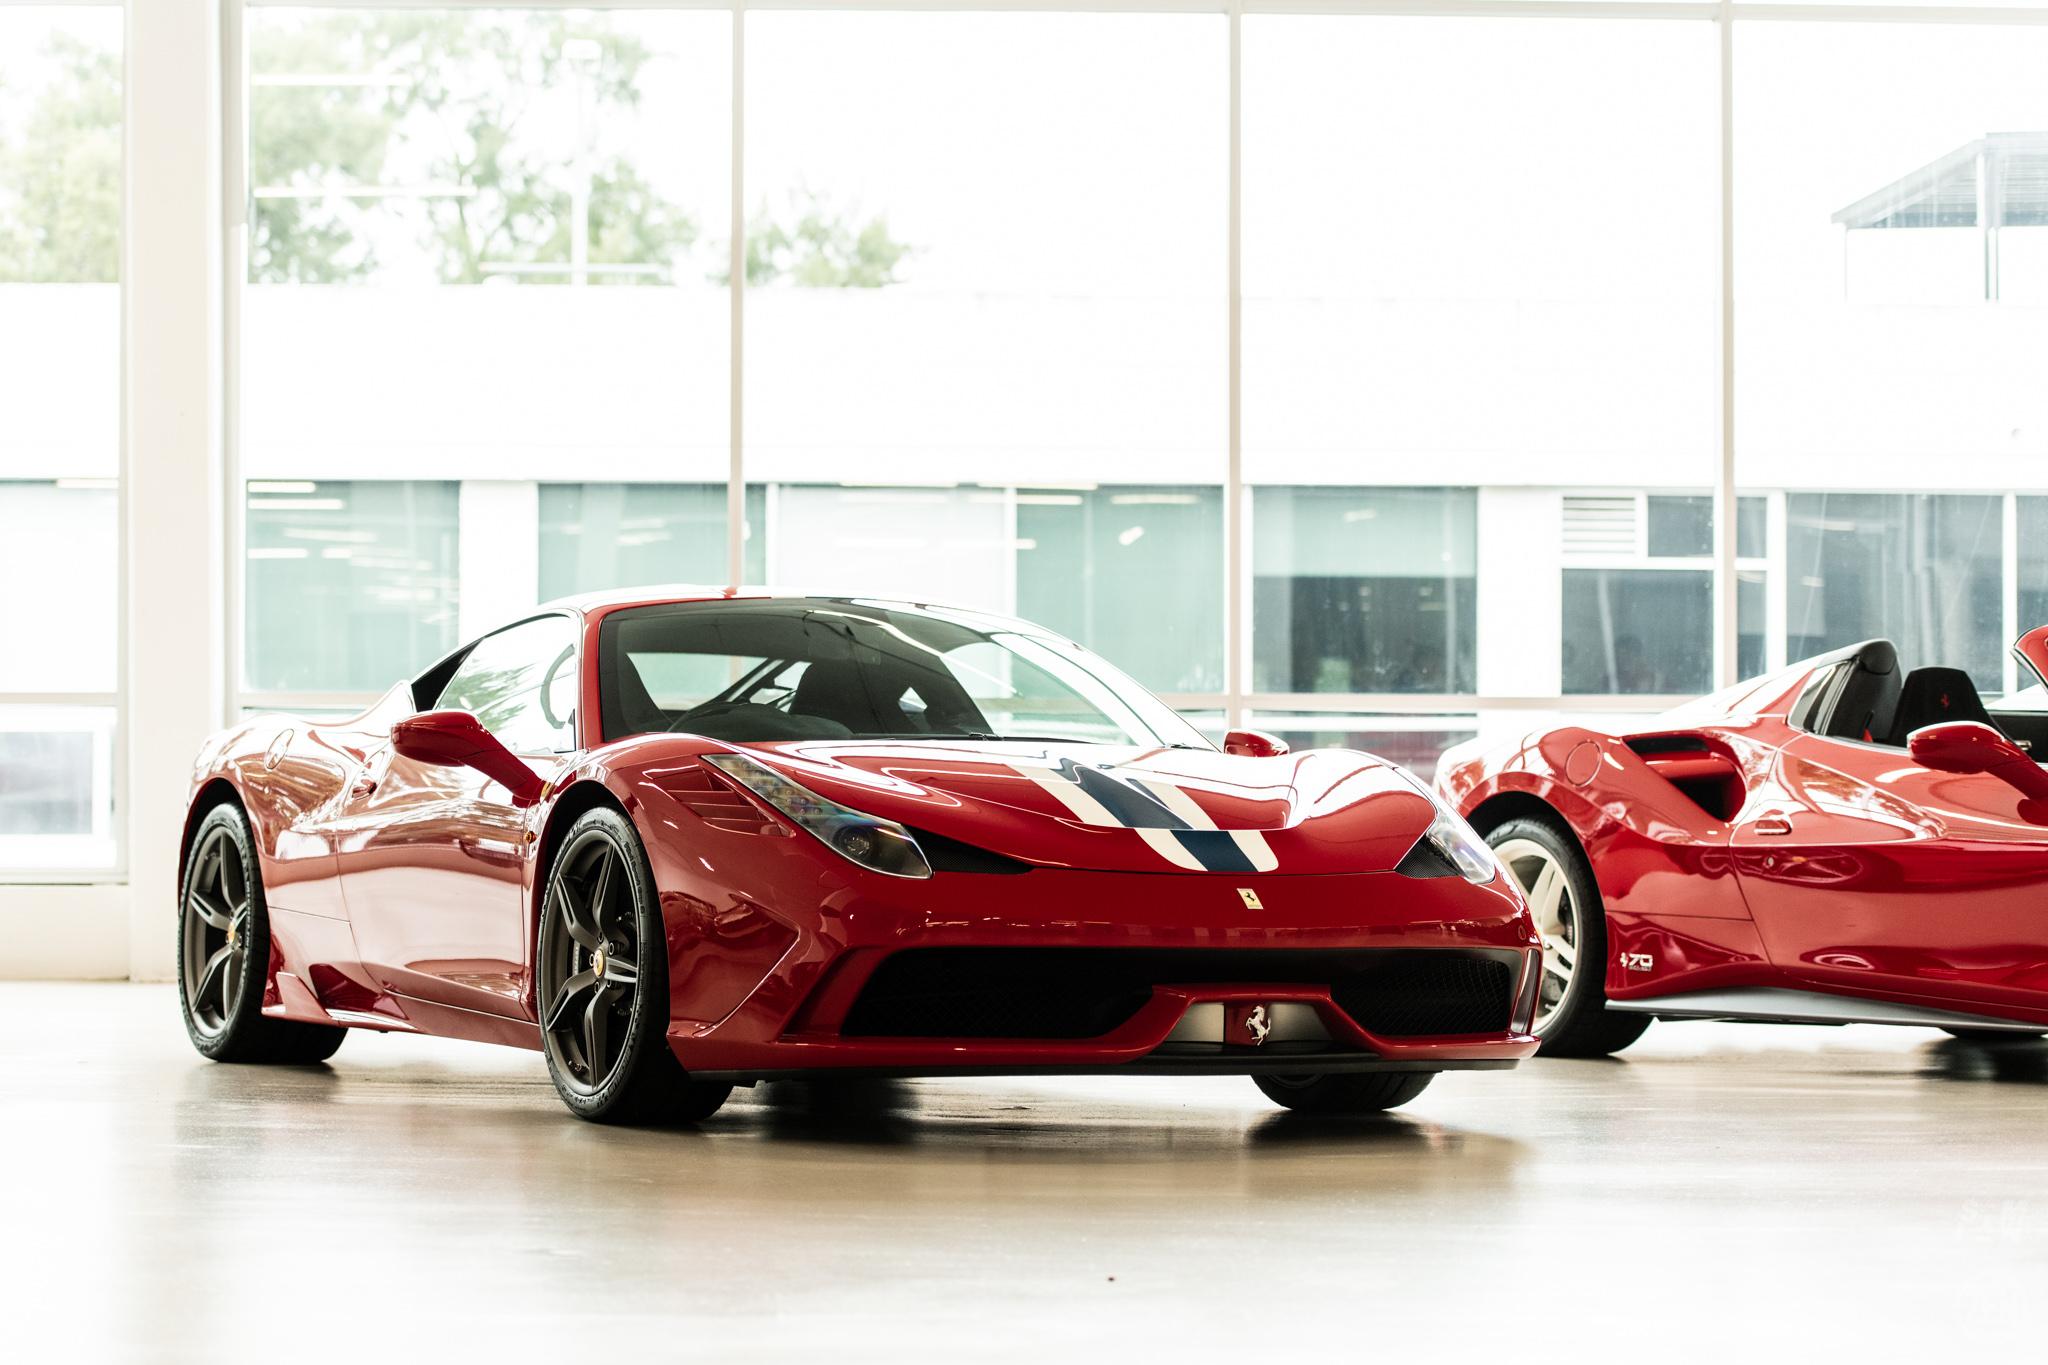 2019-09-21 - Ferrari Concorso 019